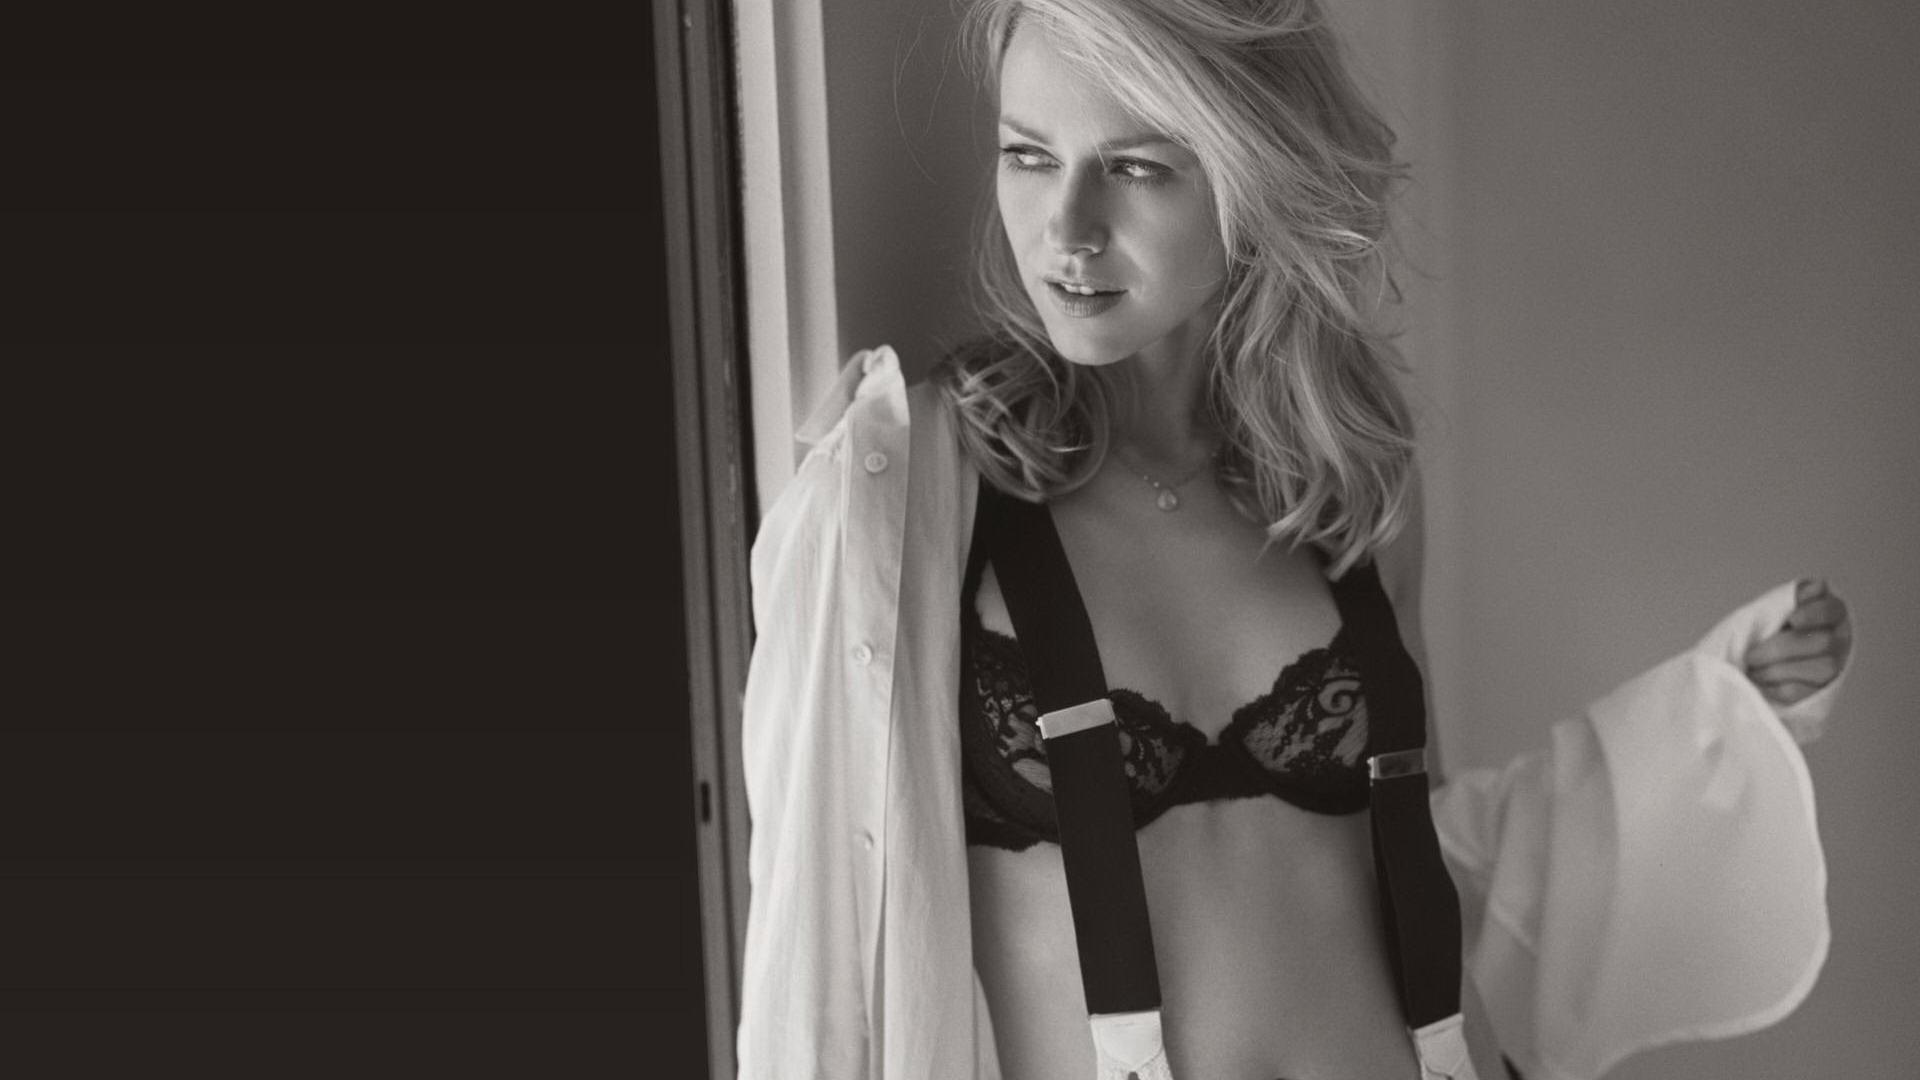 Black Wallpaper 1920x1080 Naomi Watts 042 1920x1080 Wallpaper Download